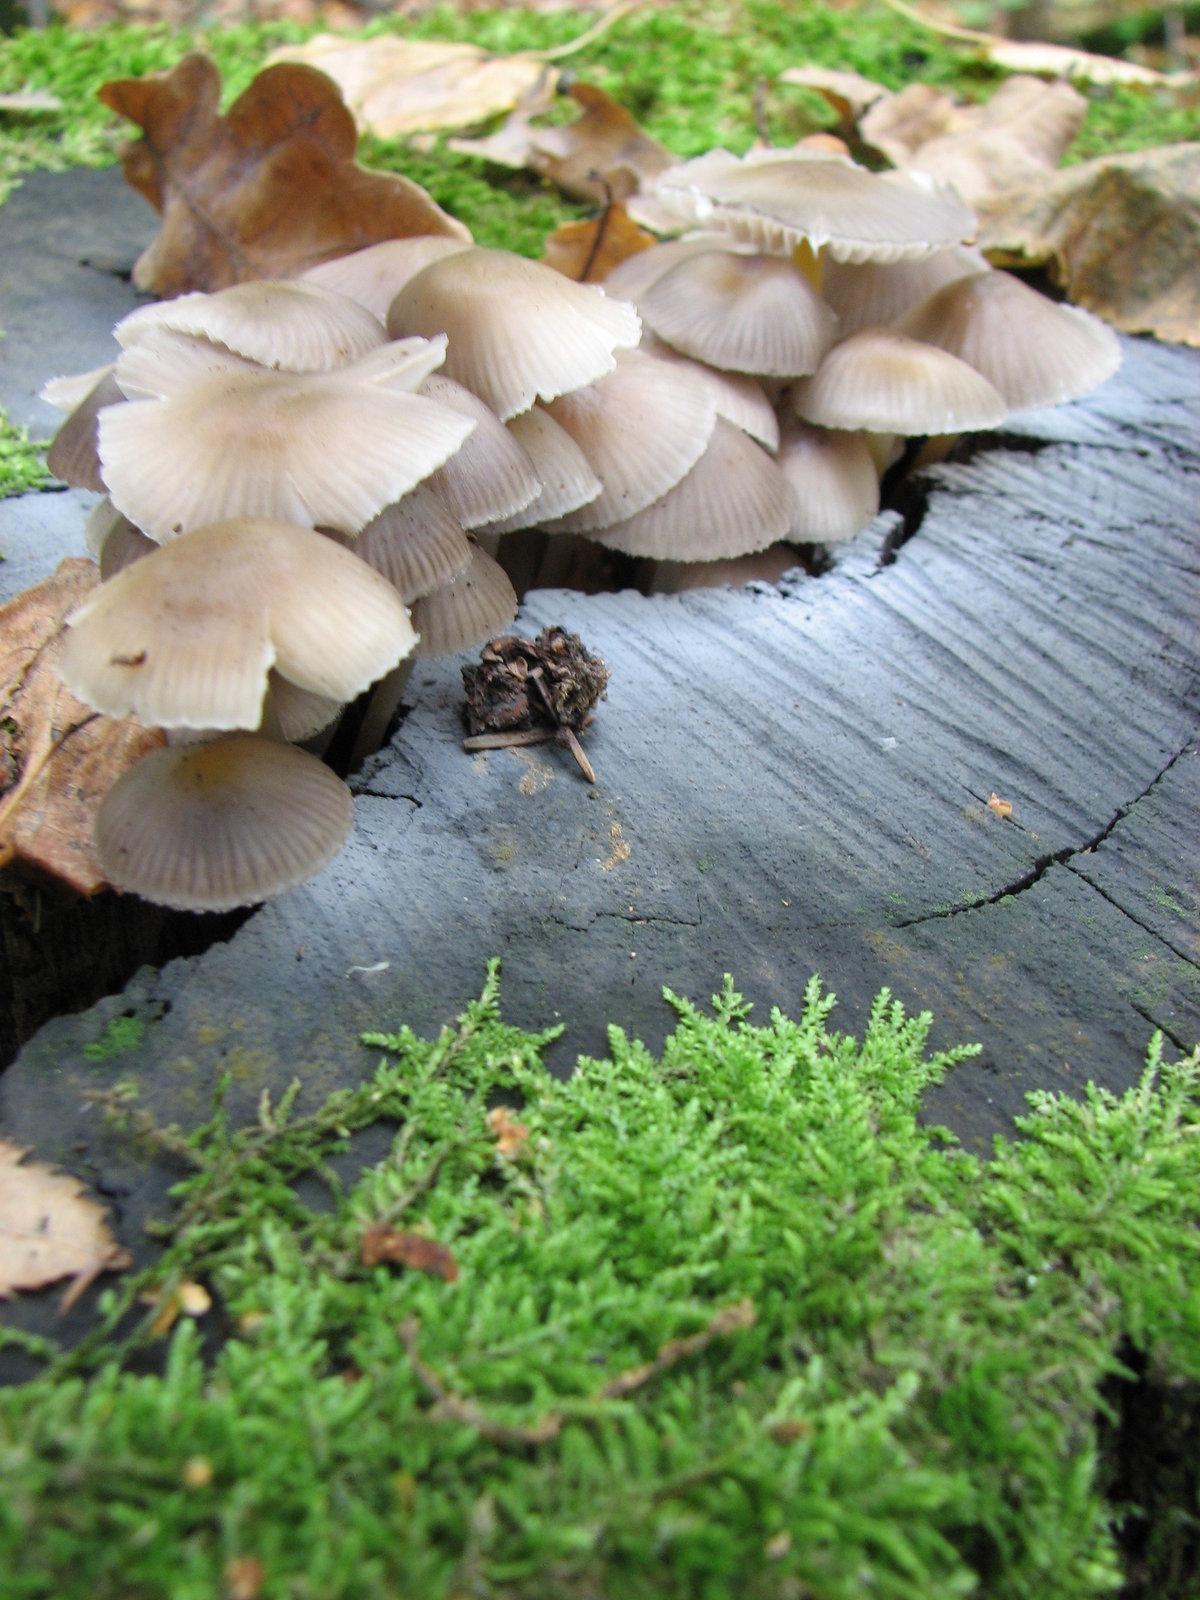 подавай похвалу грибы растущие на пнях фото каждой двух